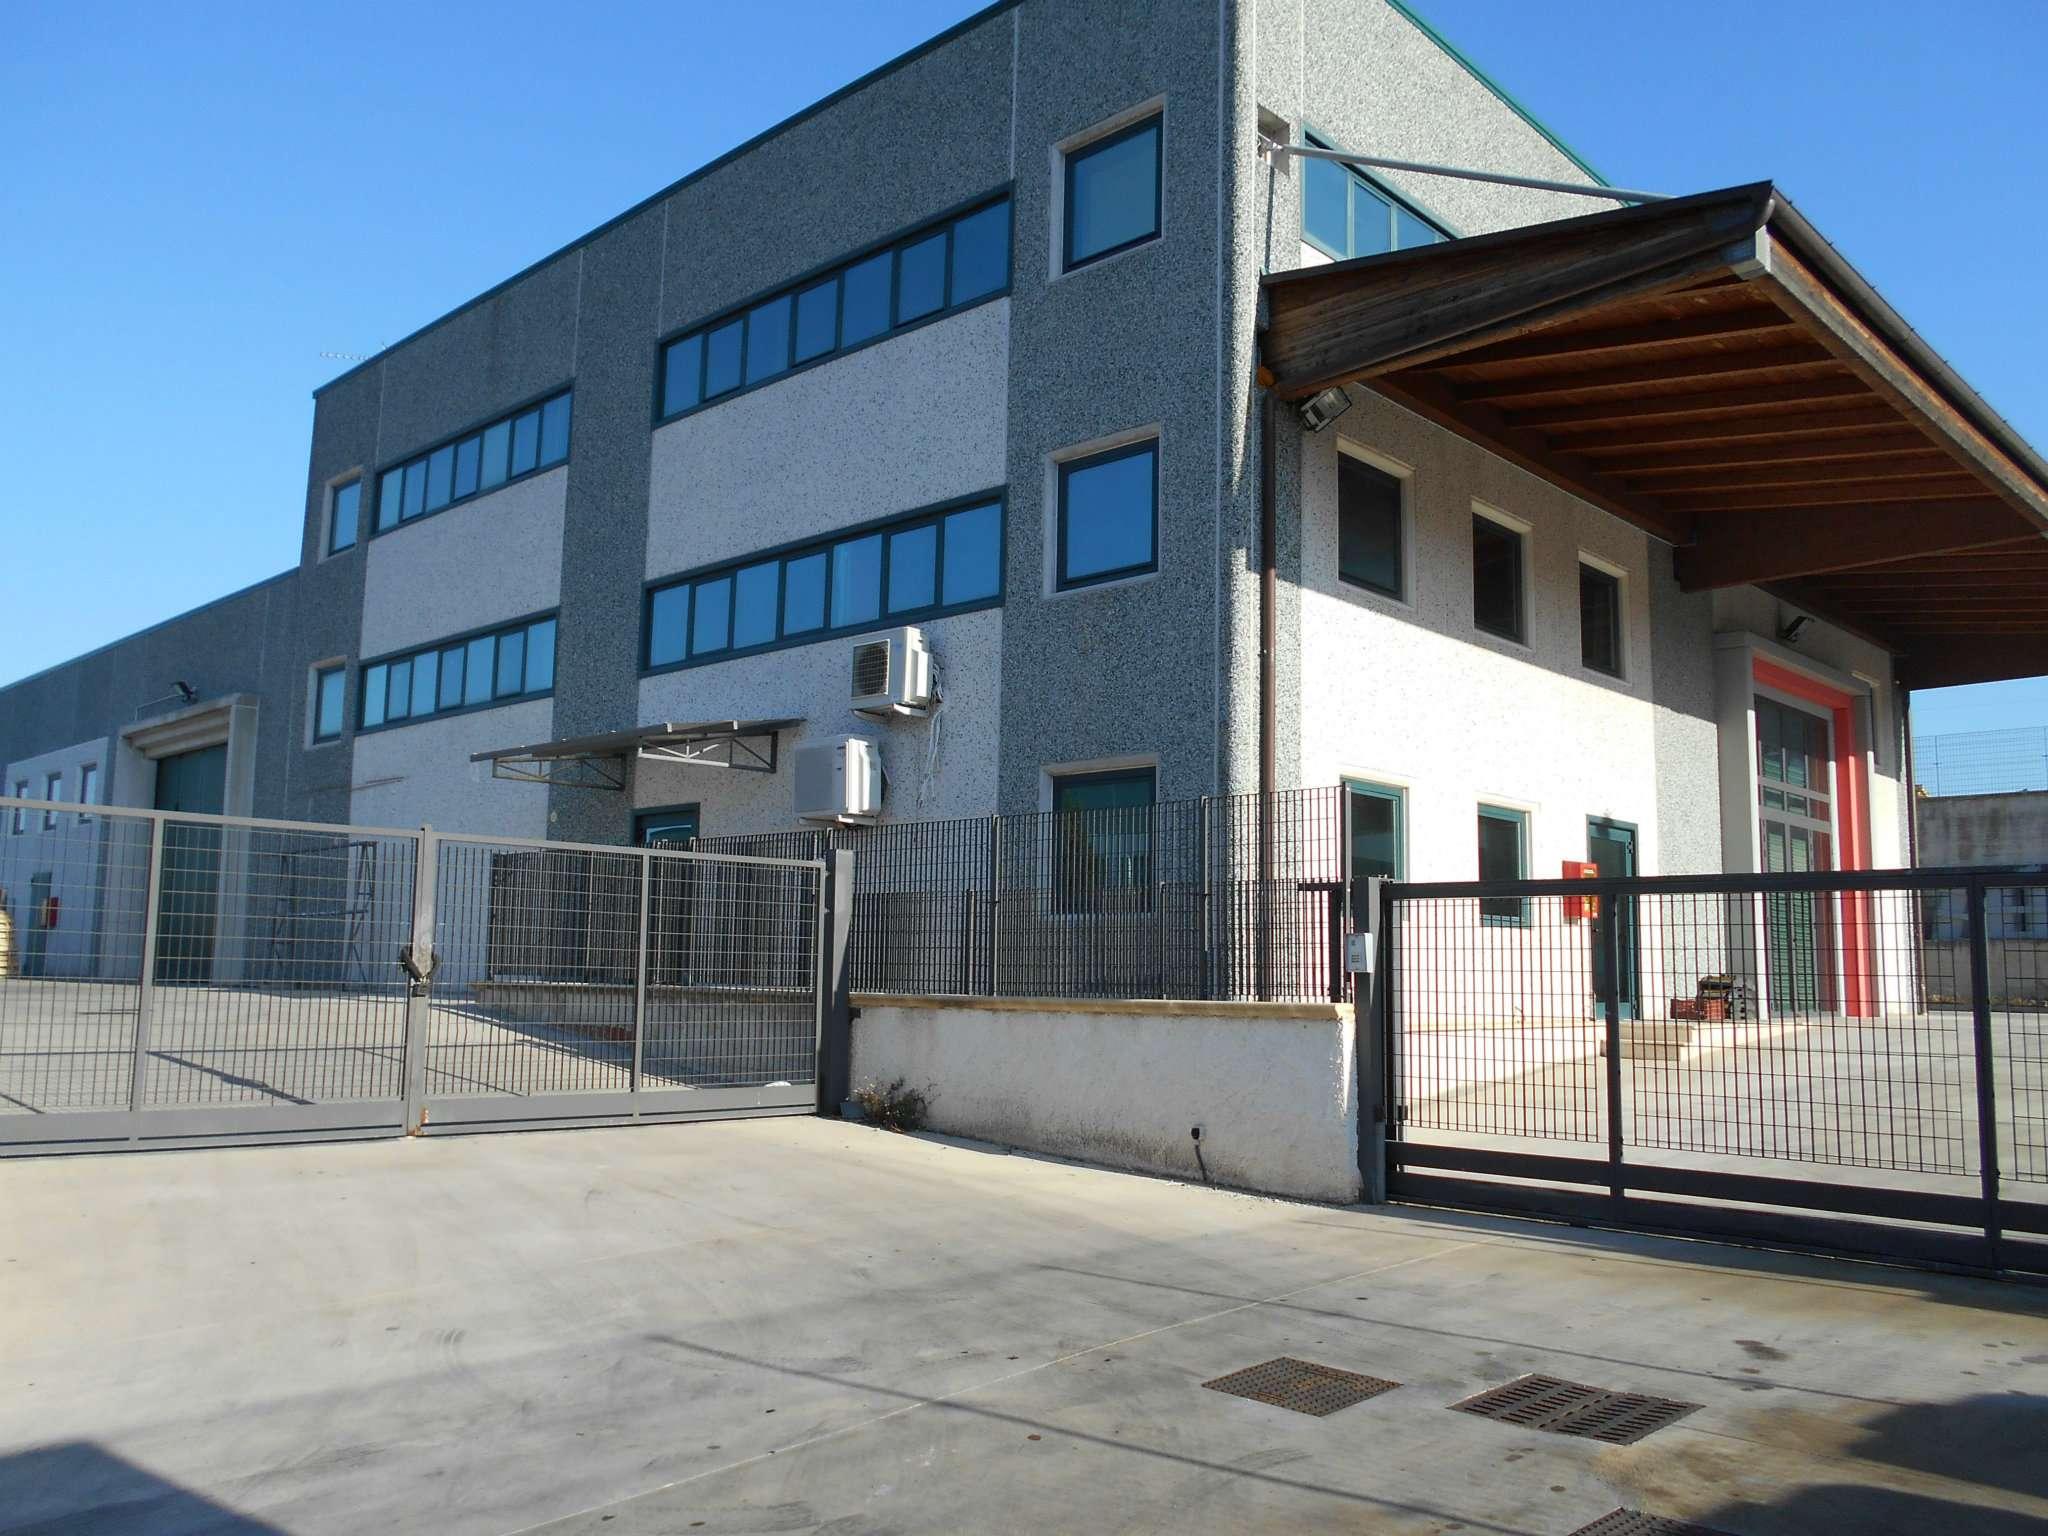 Capannone in vendita a San Cesareo, 1 locali, prezzo € 620.000 | CambioCasa.it